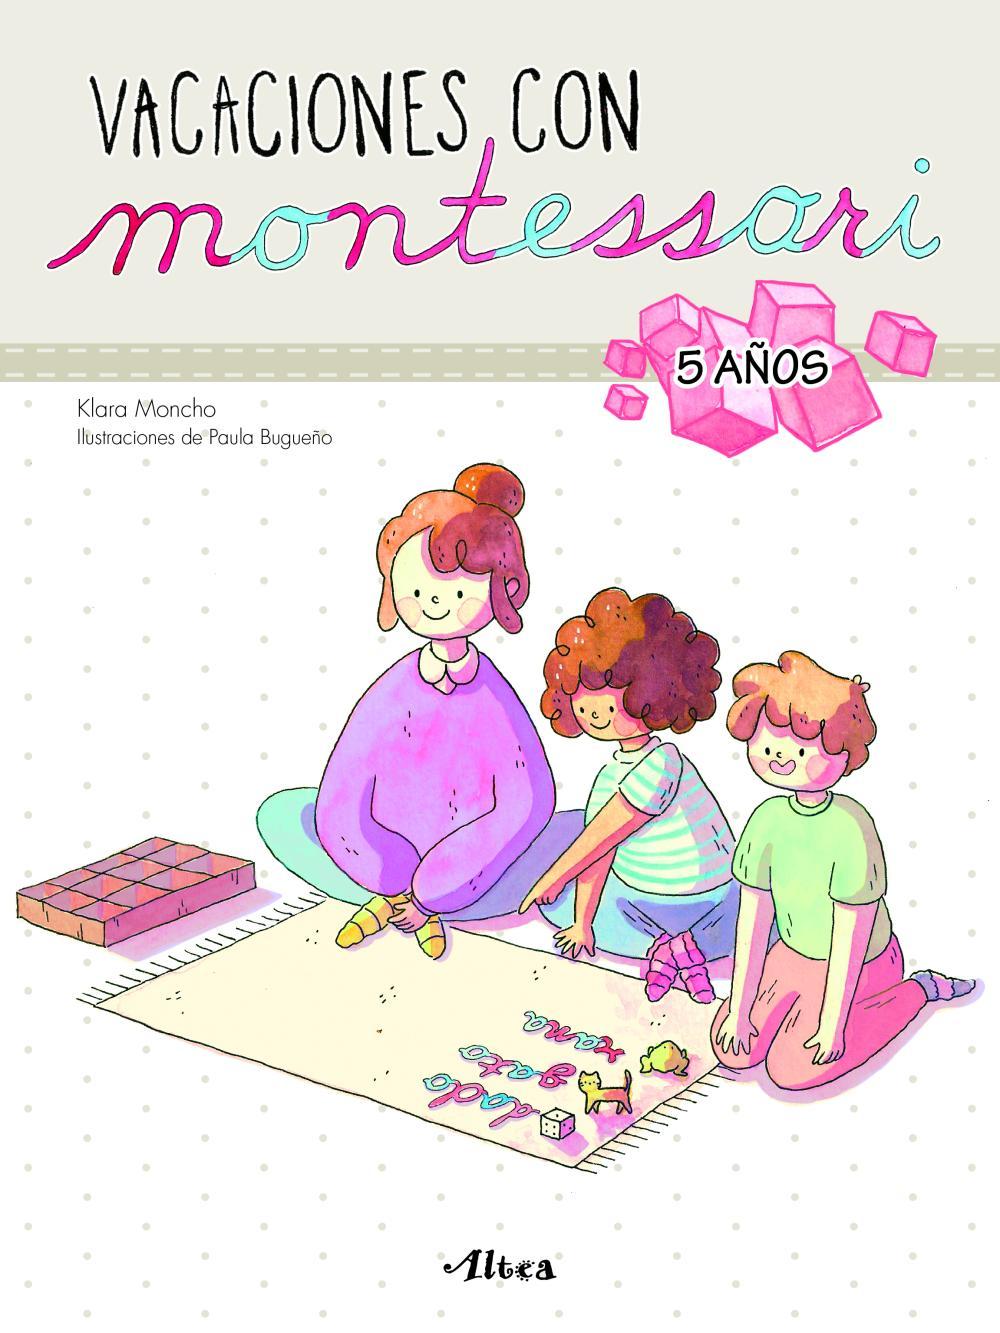 Vacaciones con Montessori - 5 años